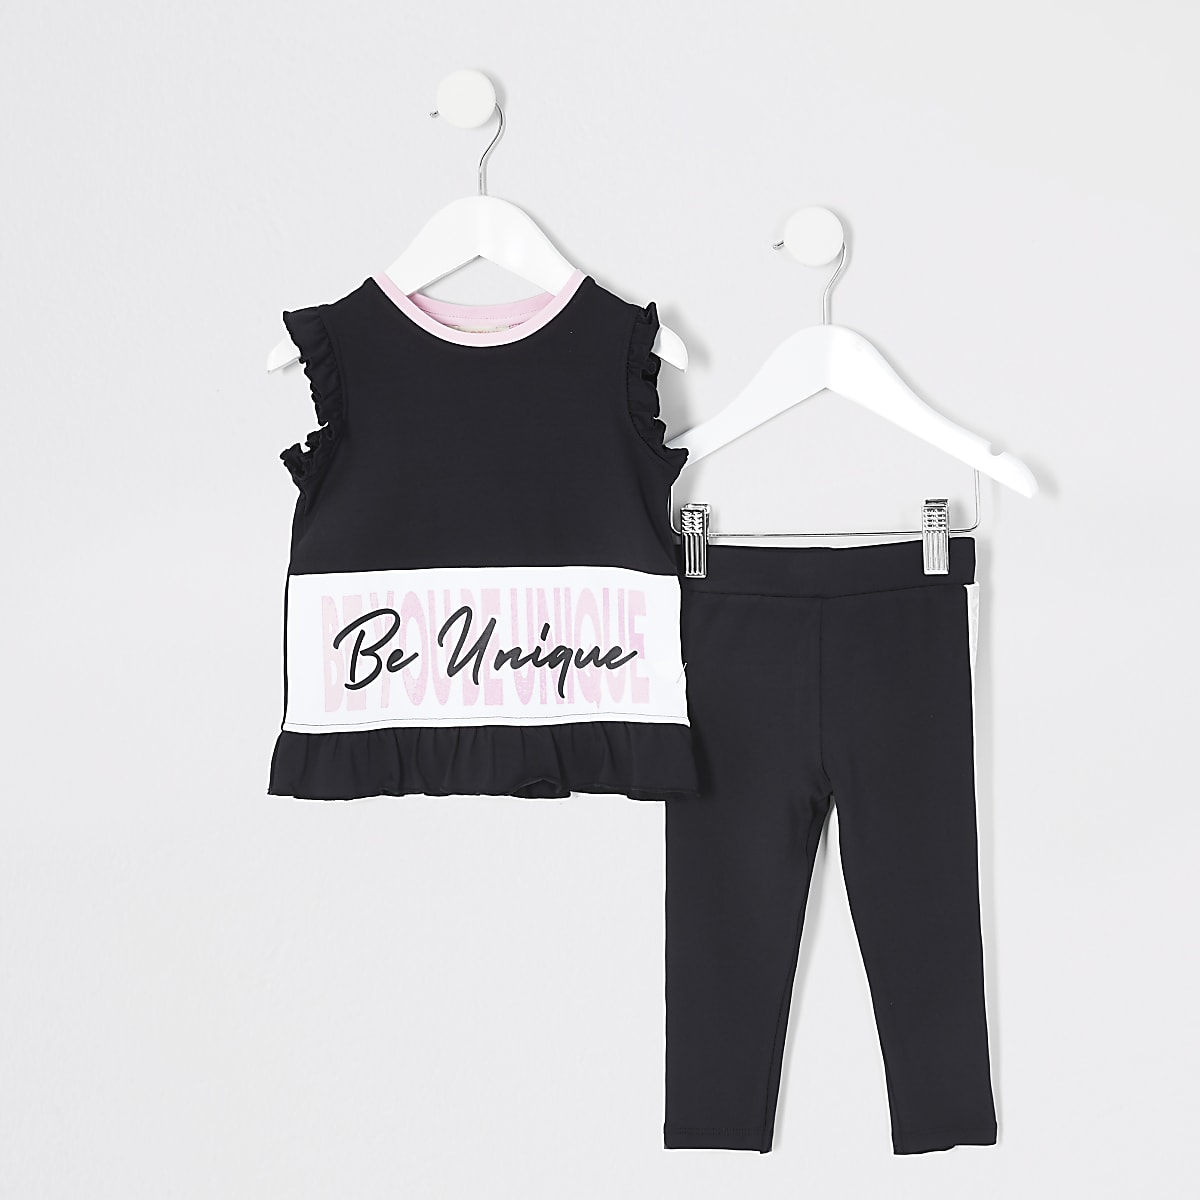 Mini - RI Active - Outfit met zwart T-shirt voor meisjes